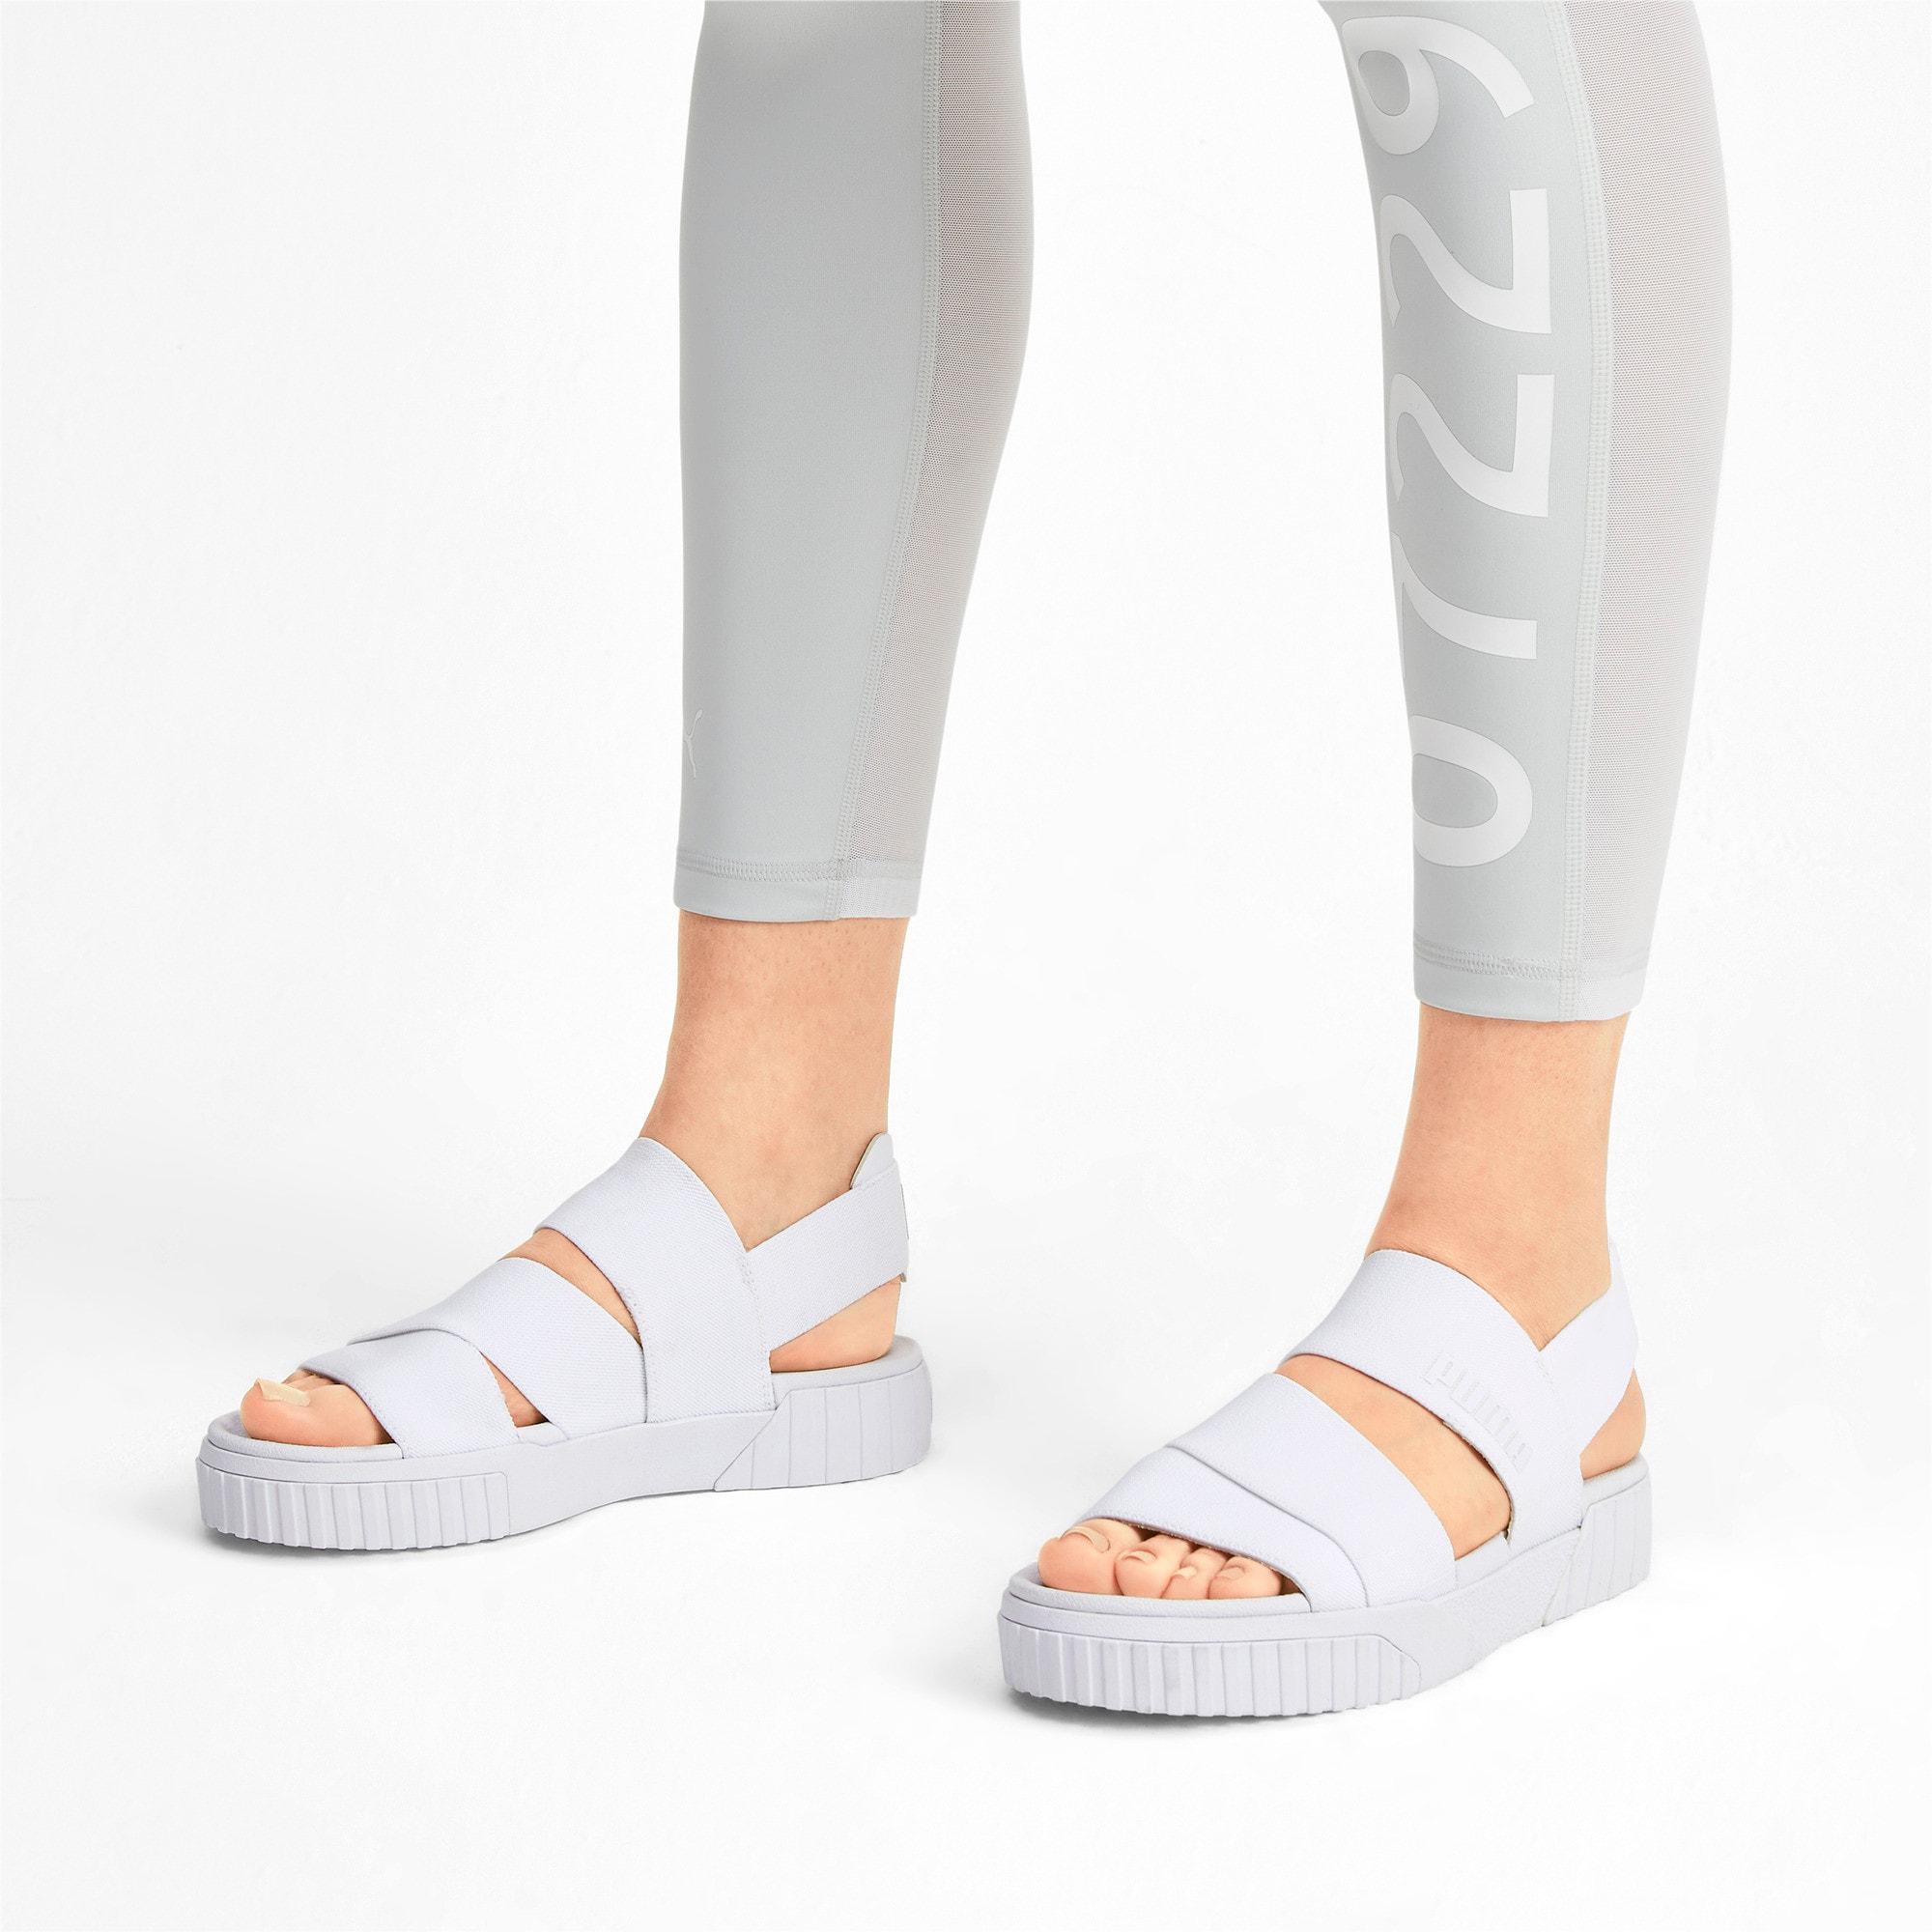 Miniatura 2 de Sandalias SG x Cali, Puma White, mediano